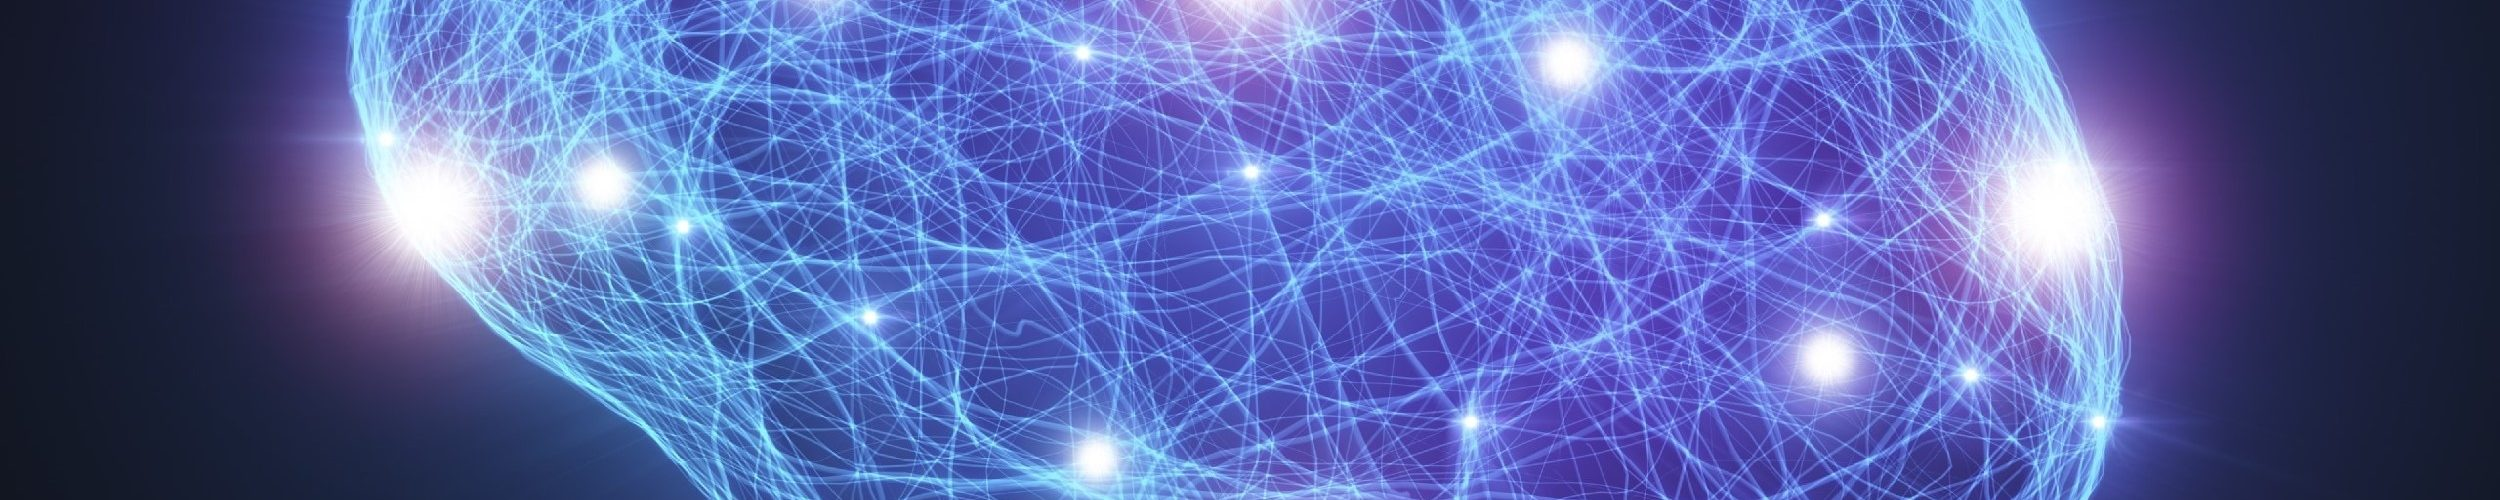 Как нейросети меняют нашу жизнь